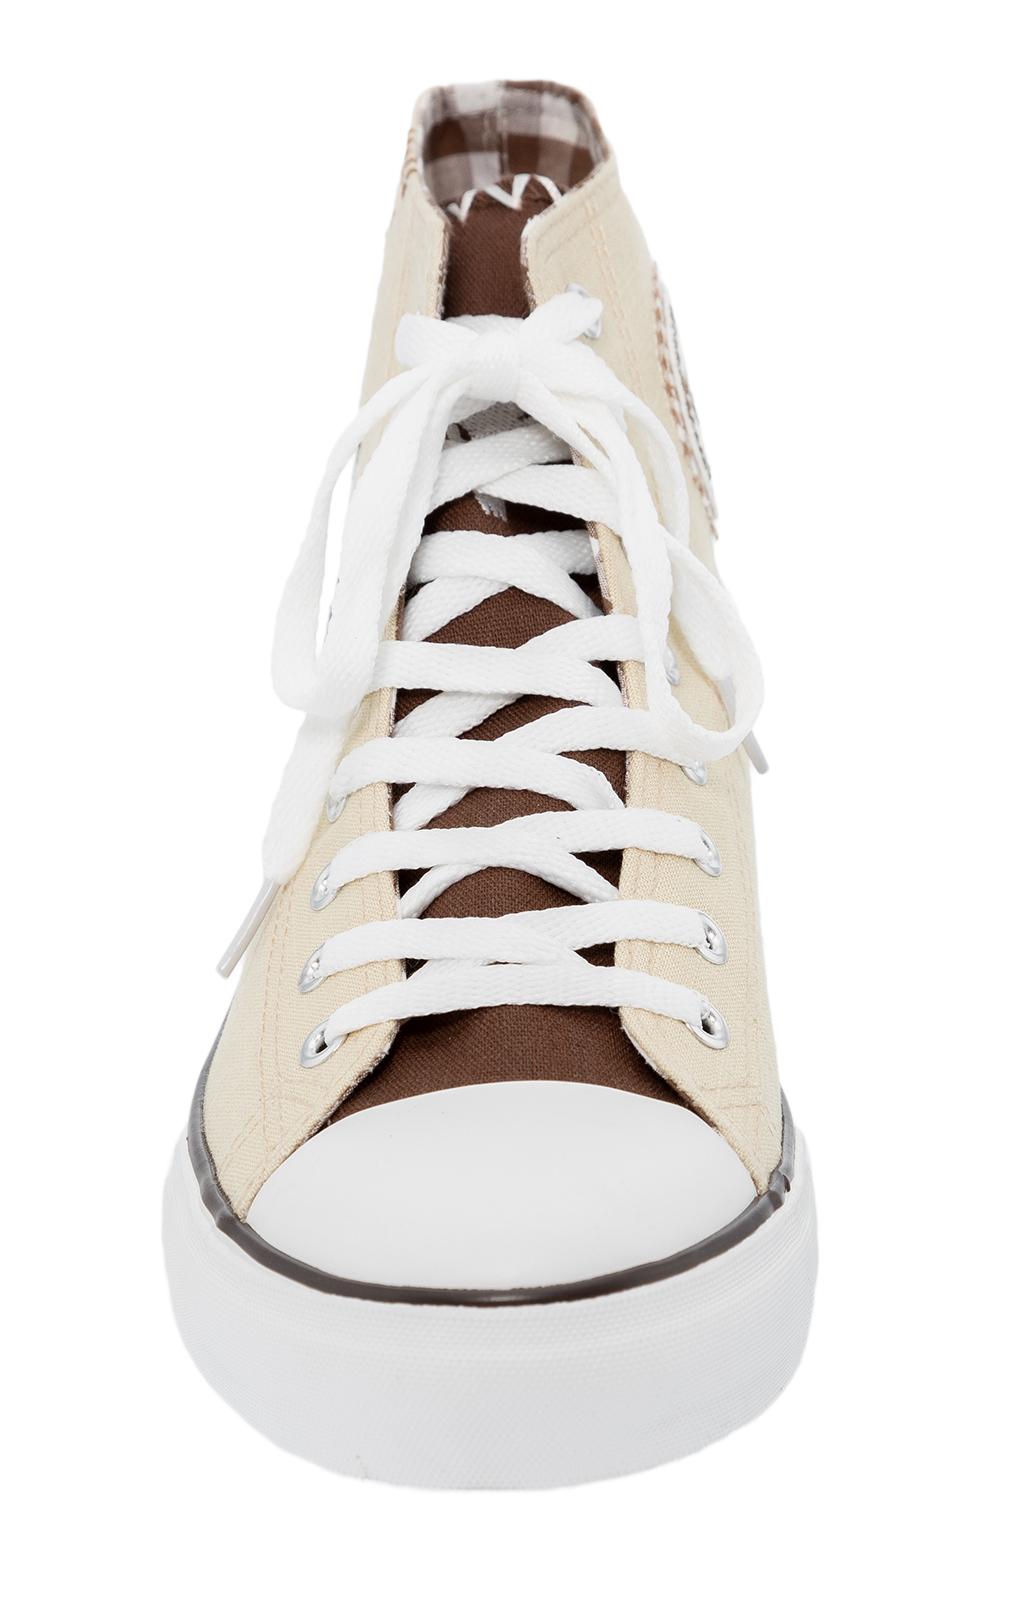 weitere Bilder von German traditional shoes 9009-15 nature